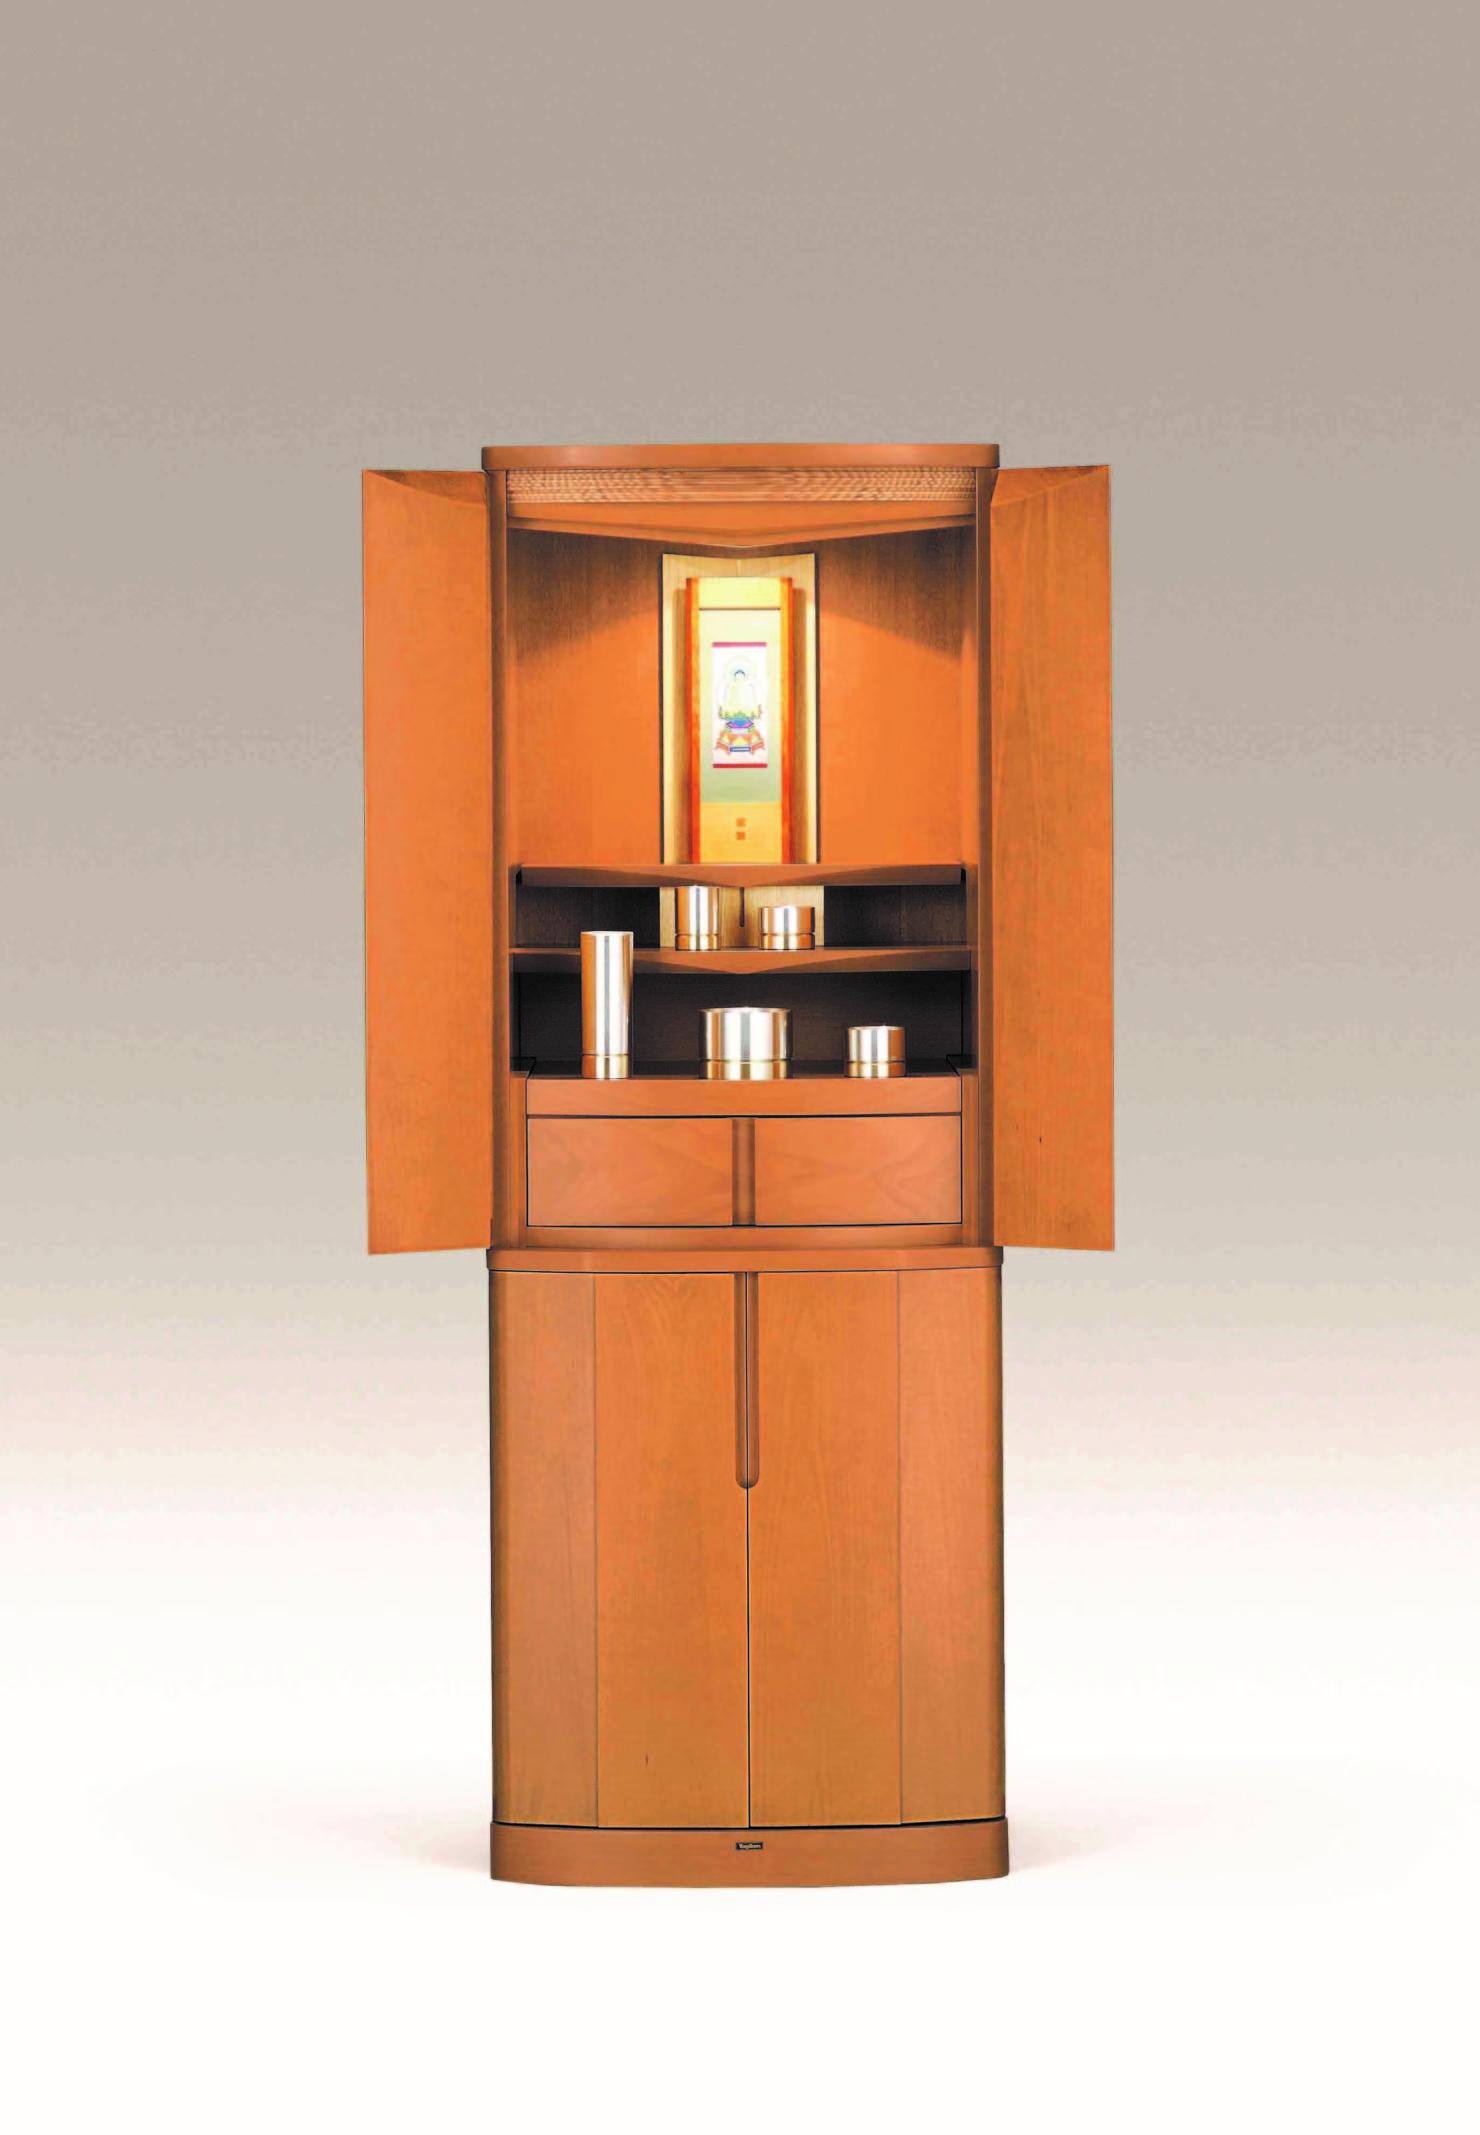 シンプルな現代仏壇「アナベルライト1300」京都の老舗仏壇店が紹介する現代仏壇の魅力